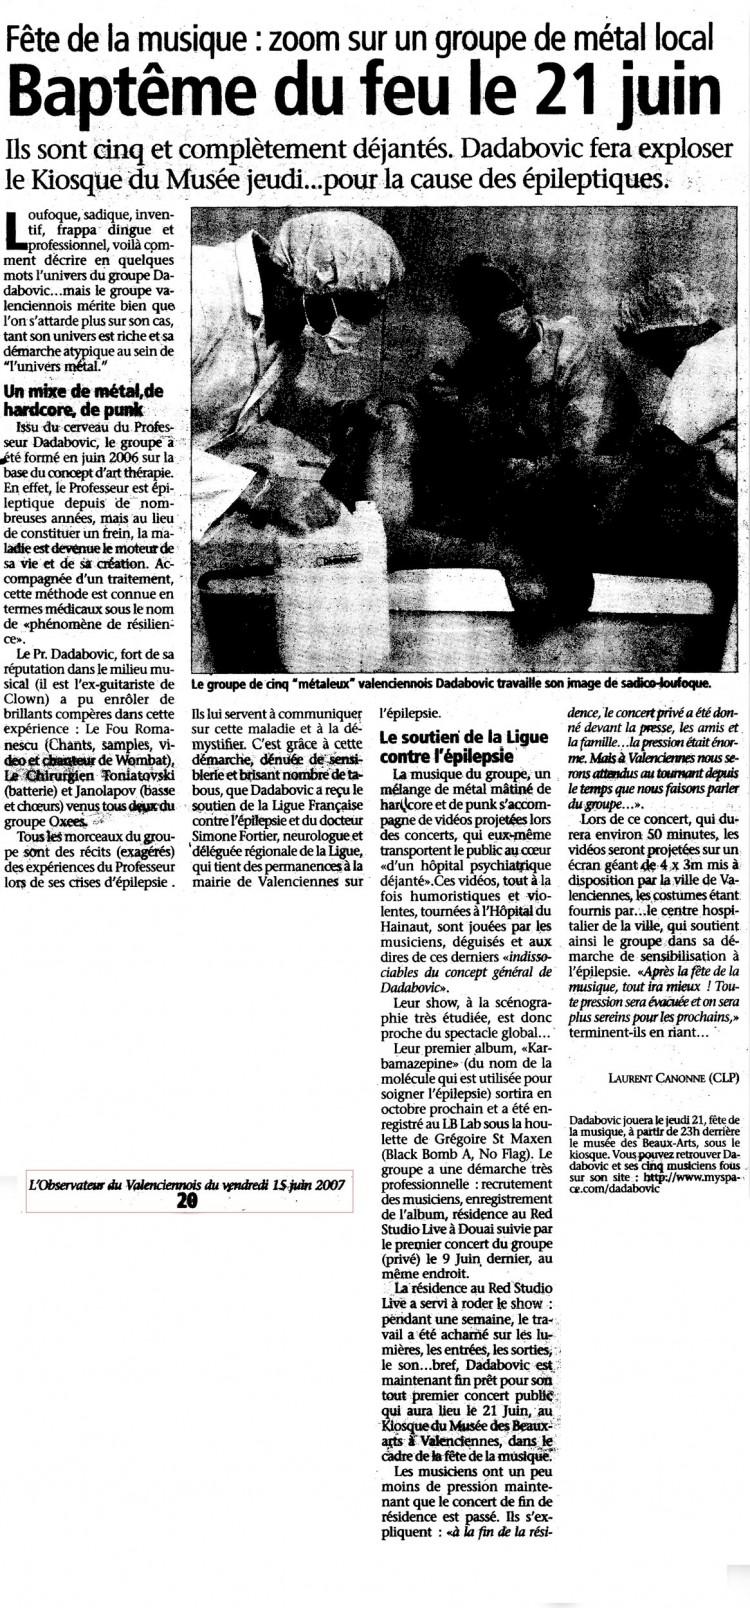 l'Observateur du Valenciennois, 15/06/07